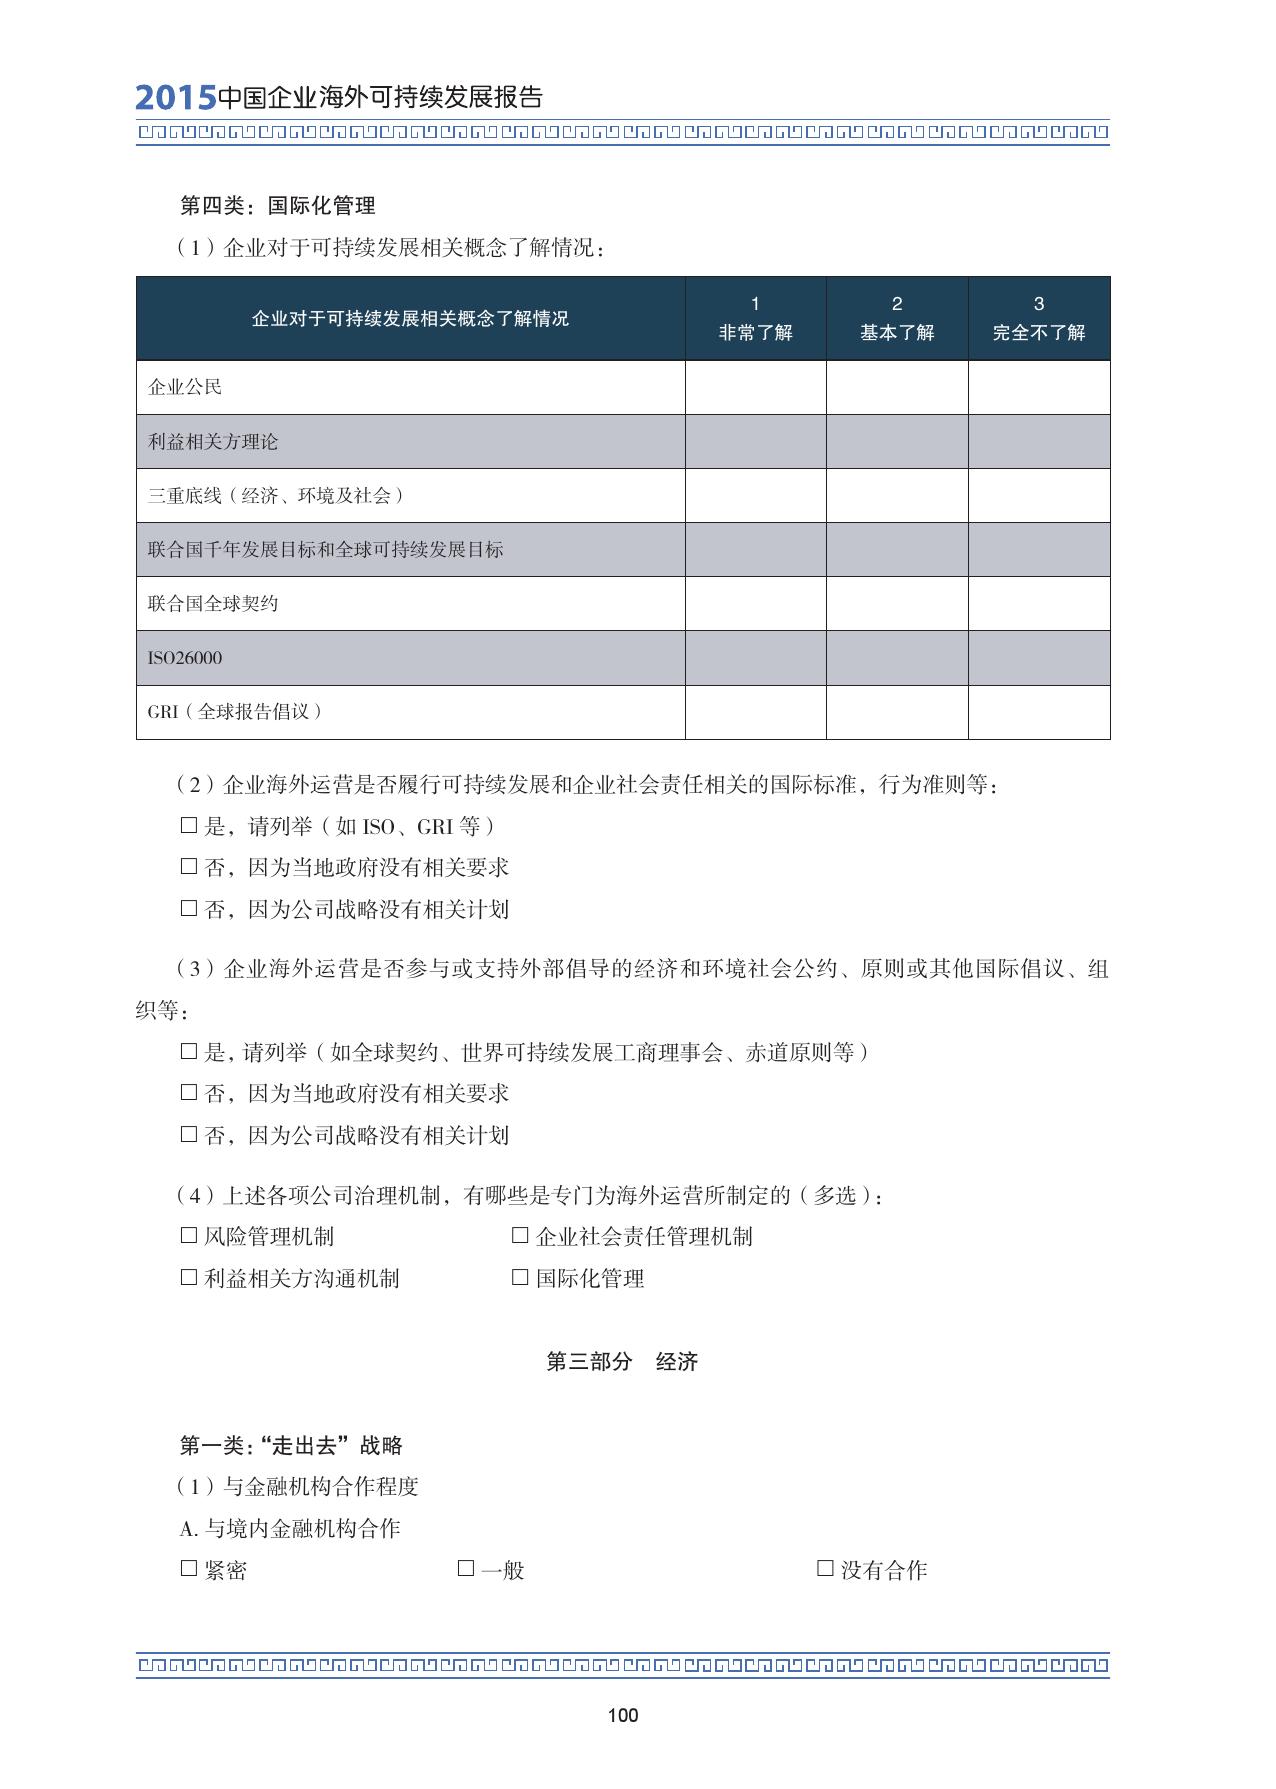 2015中国企业海外可持续发展报告_000114